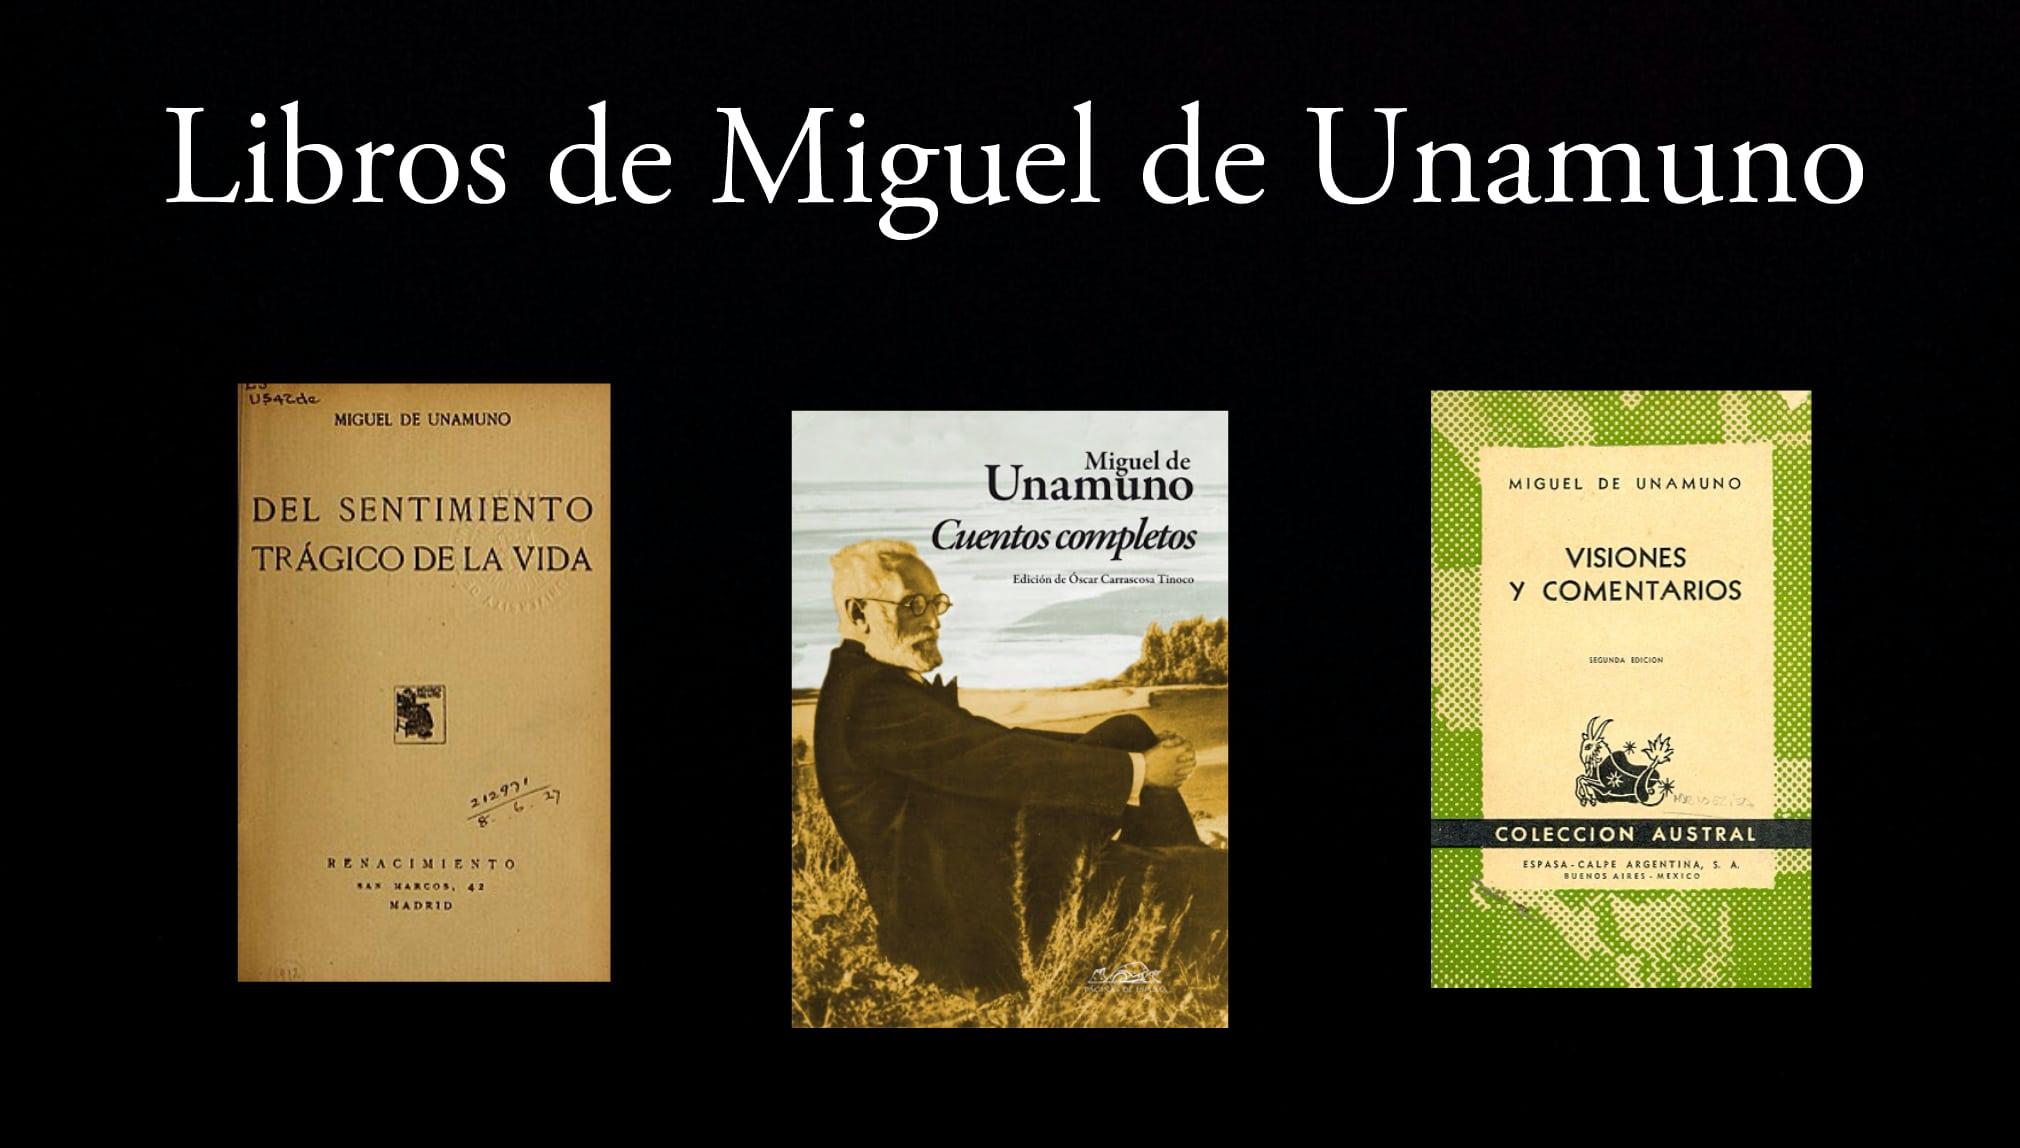 Libros de Miguel de Unamuno.